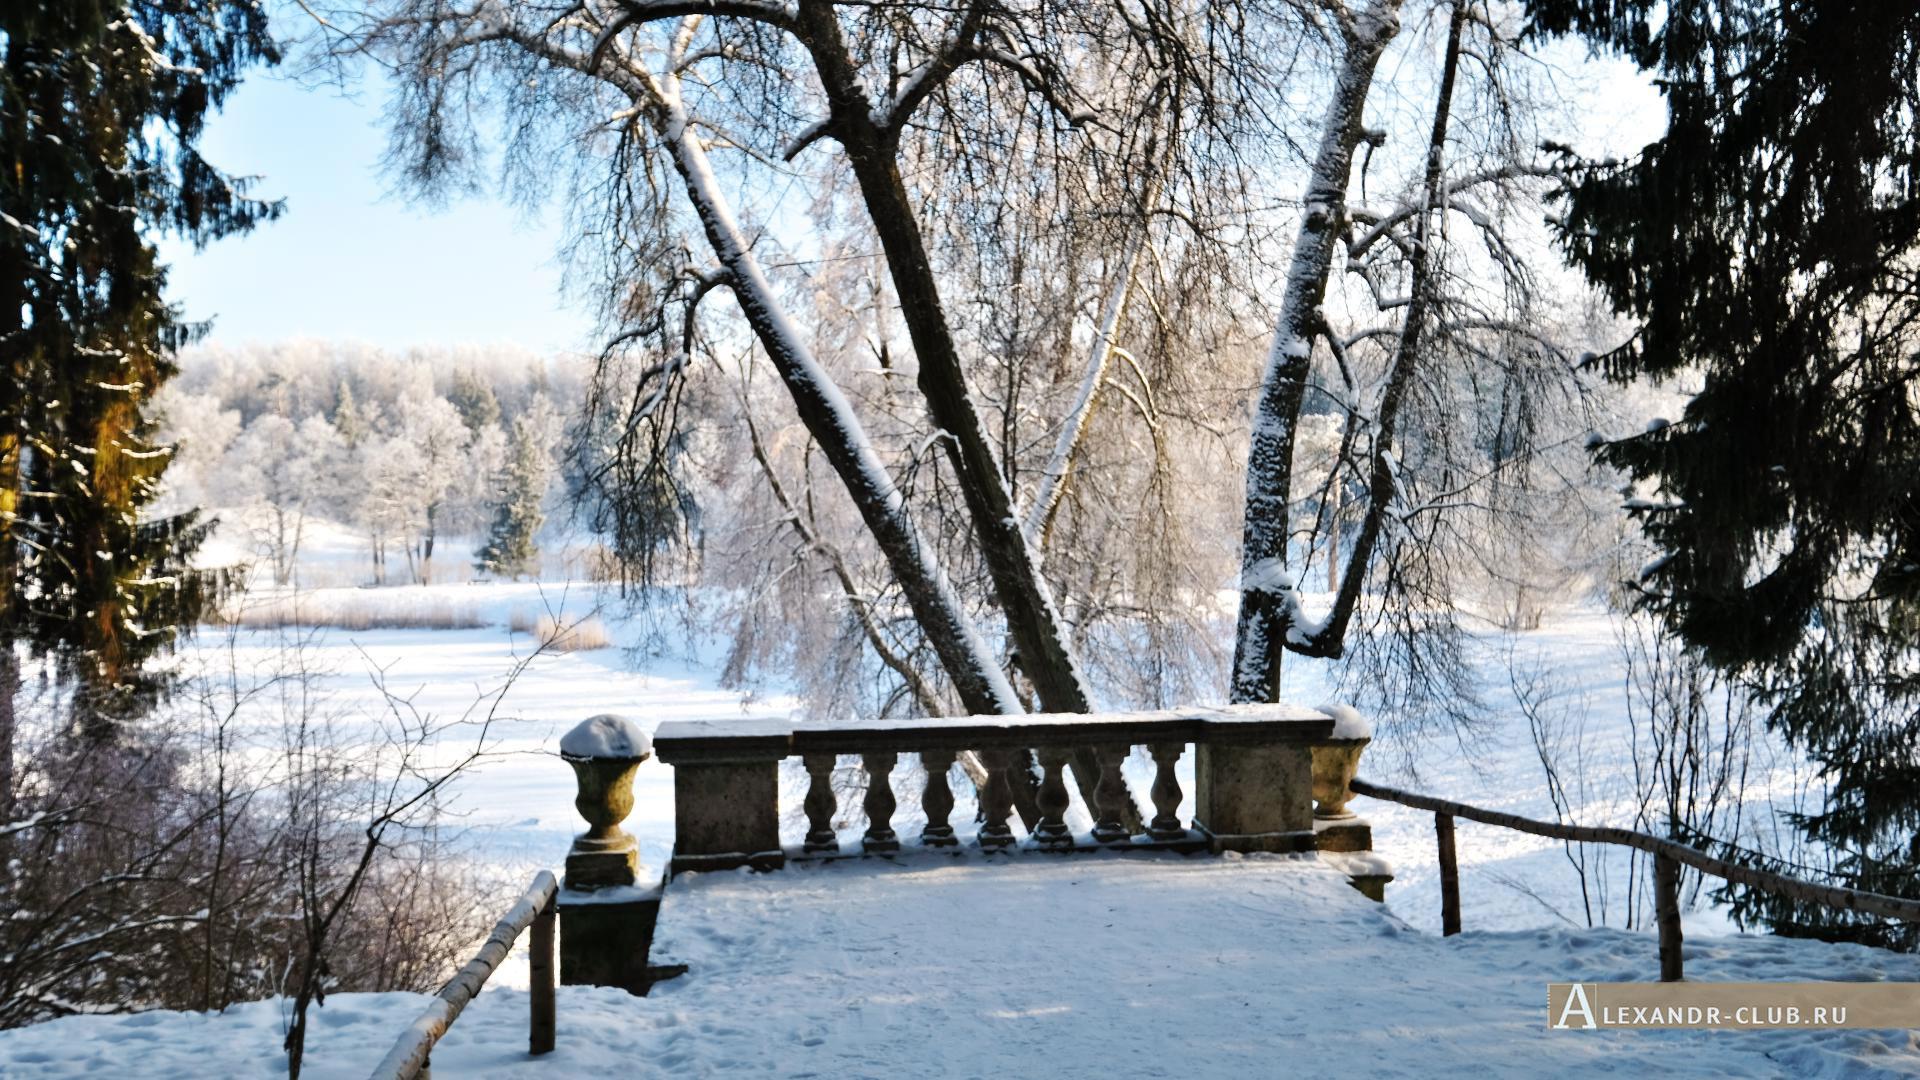 Павловск, зима, Павловский парк, Руинный Каскад